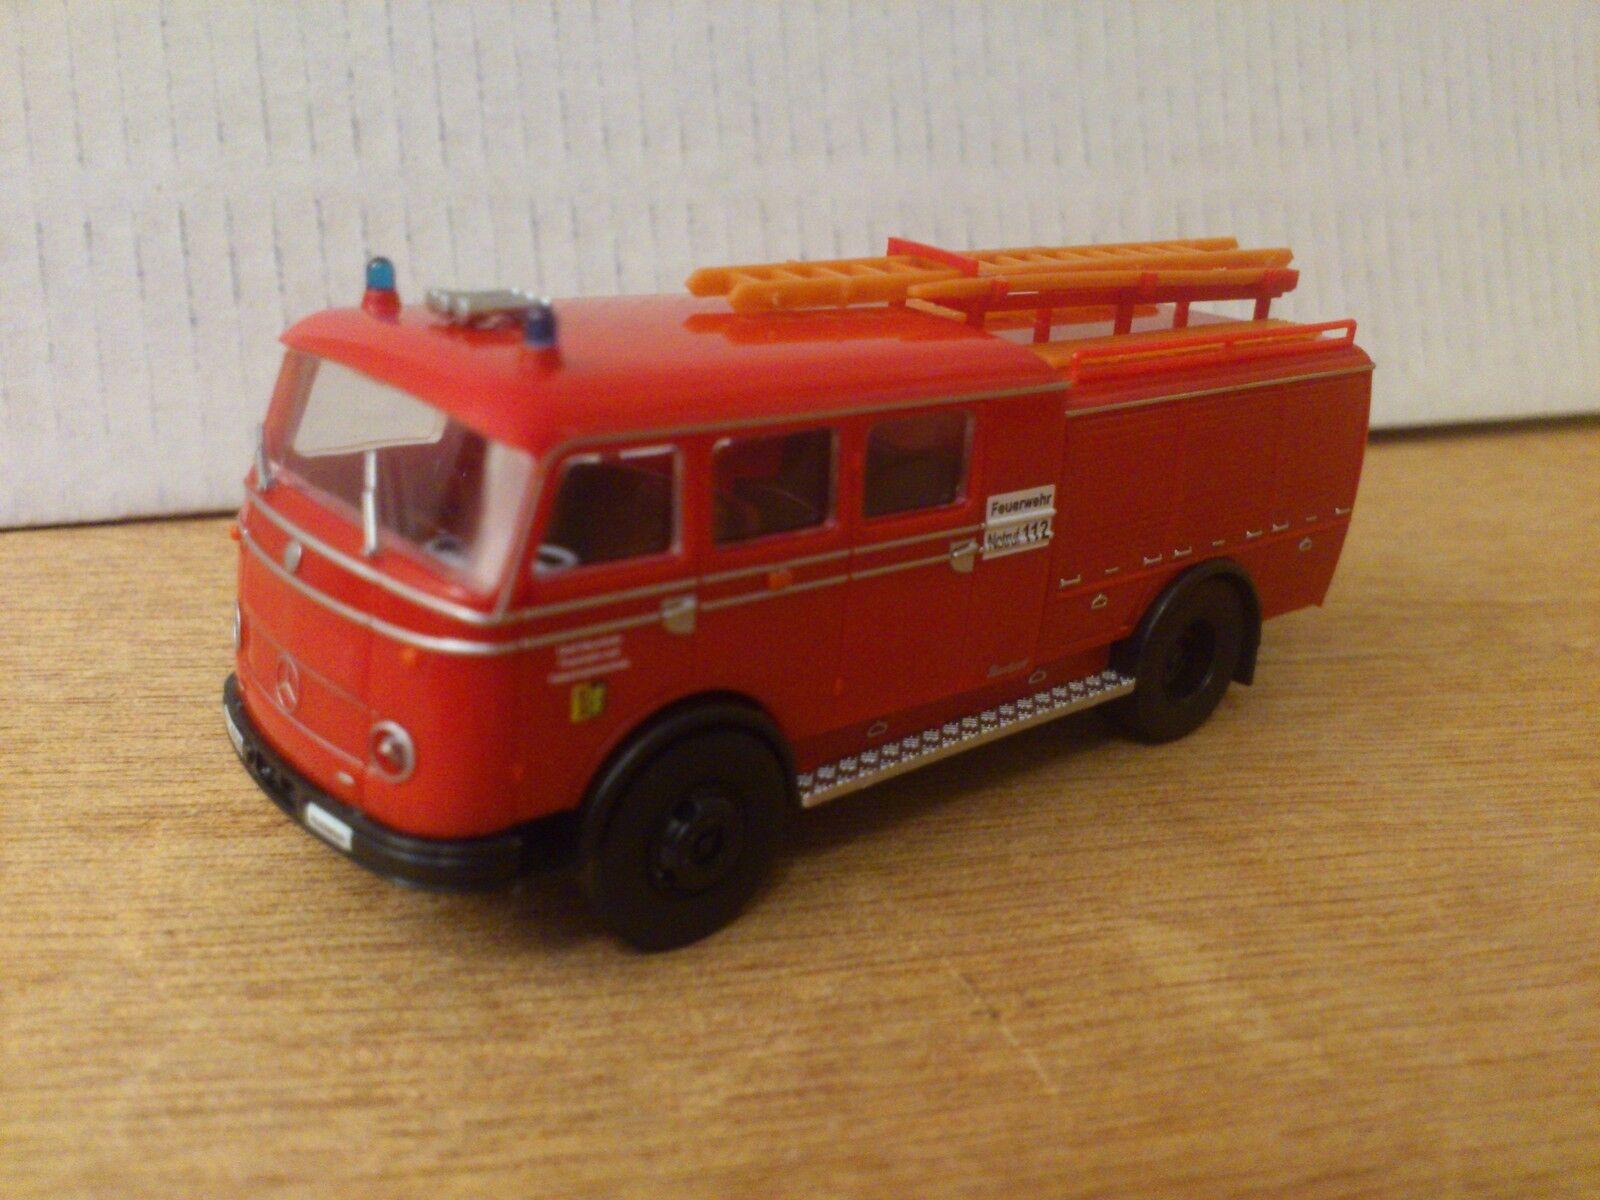 87 h0 von heico hc2036 pompieri lp311   tlf16 citt à mannheim.ovp notizie